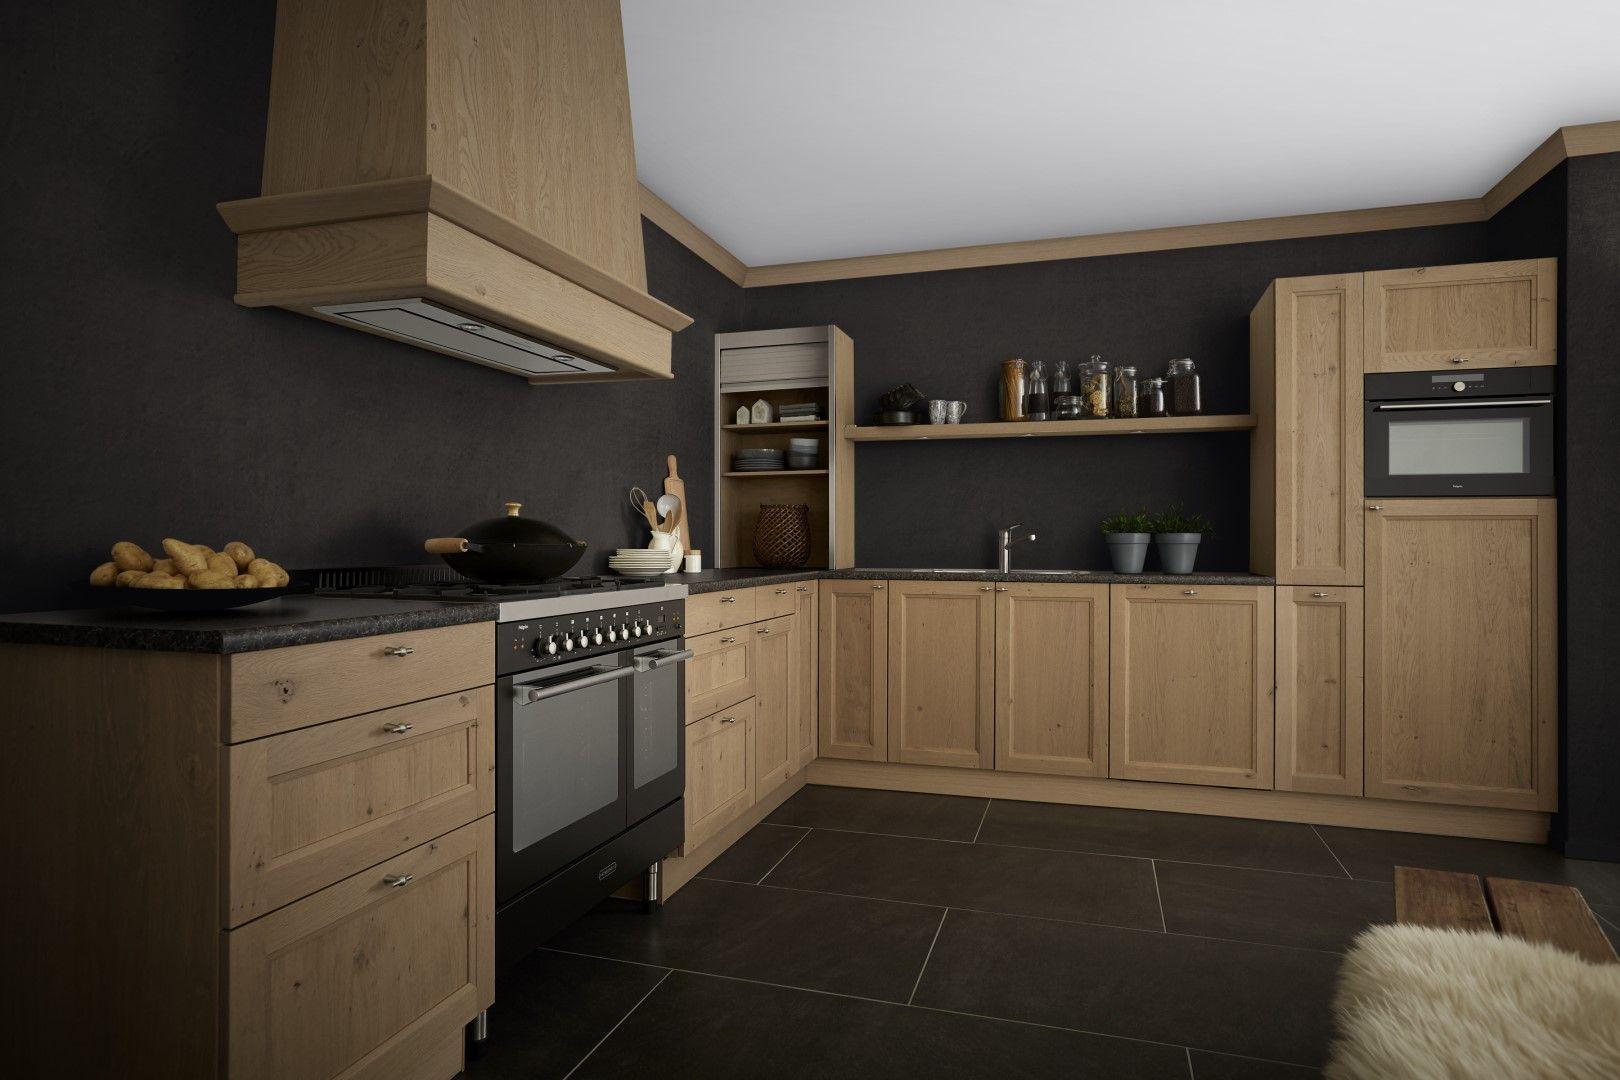 Keuken Zonder Afzuigkap : Afzuigkap keukenkast afzuigkap in het aanrecht van kookeiland